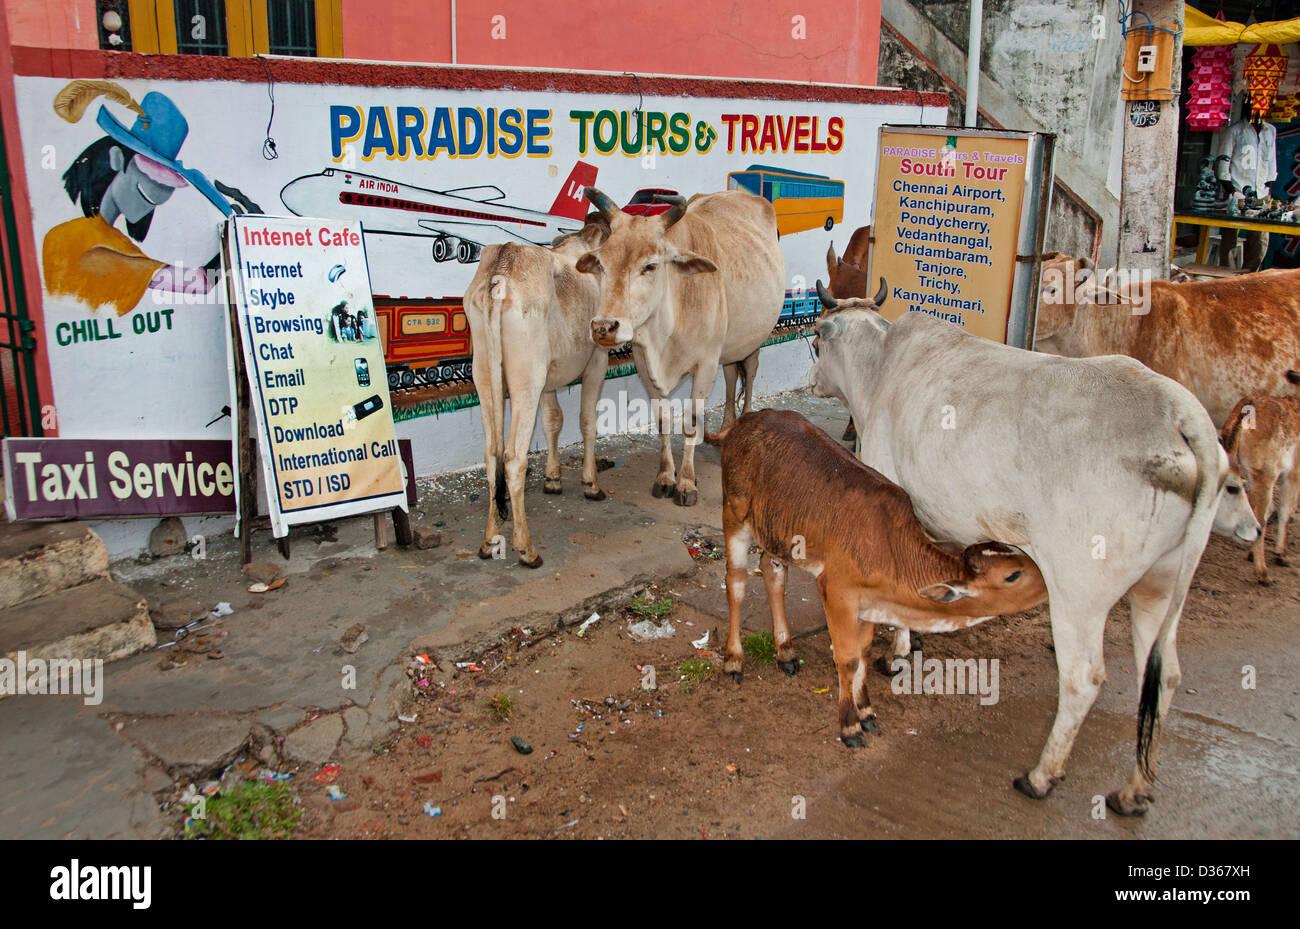 Heilige Kühe Reisebüro reisen Paradies Touren Covelong (Kovalam oder Cobelon) Indien Tamil Nadu Stockbild